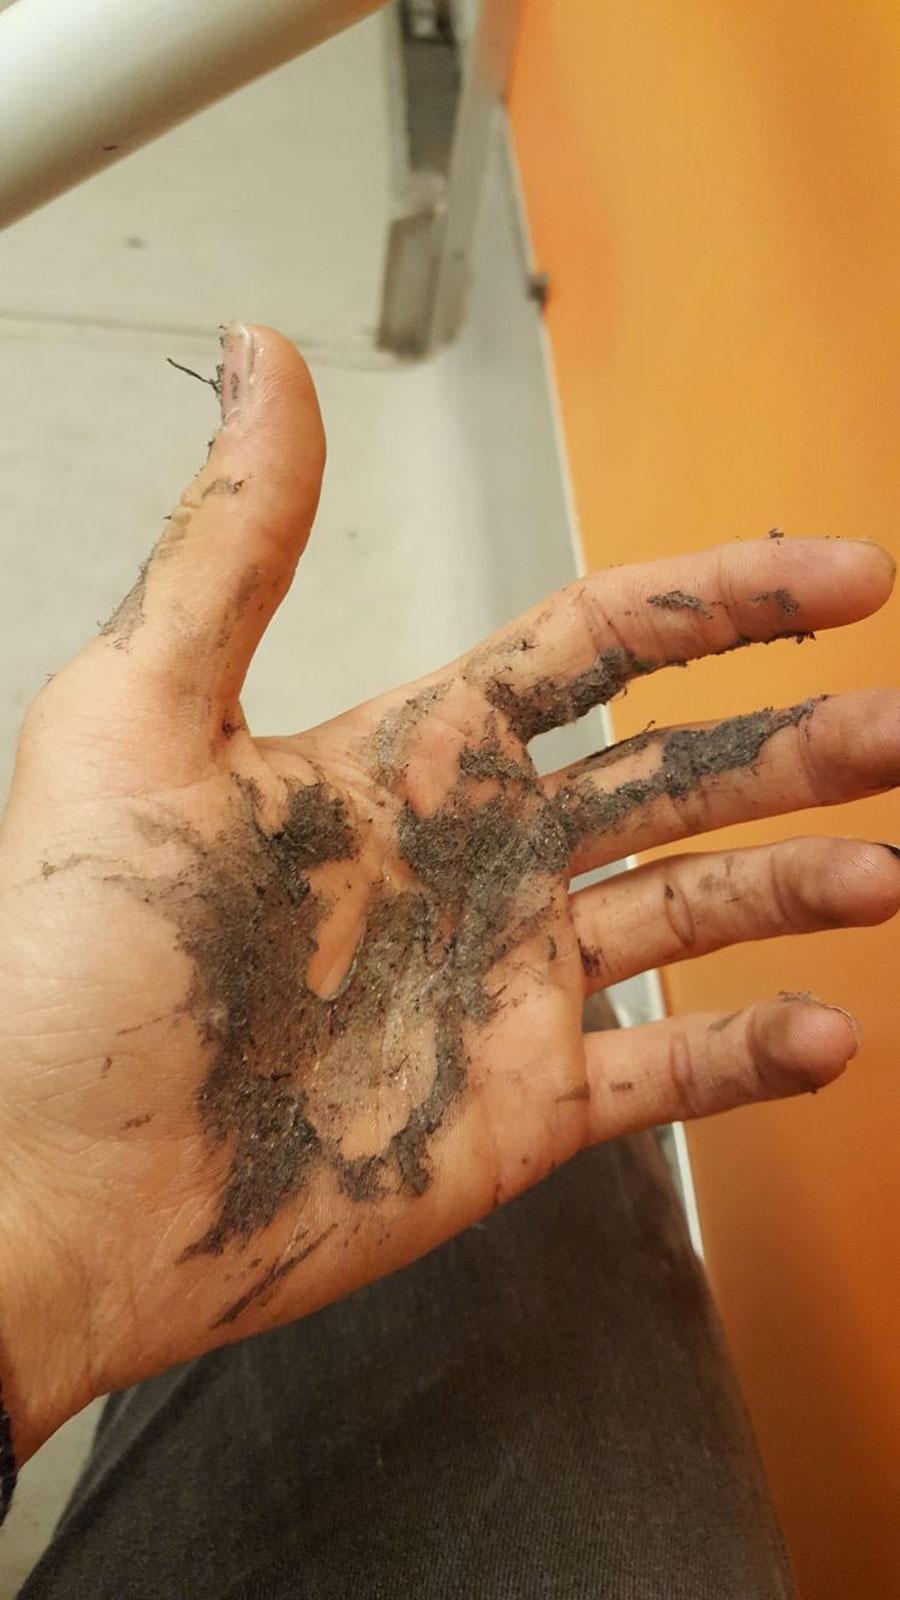 çocuk işçinin eli